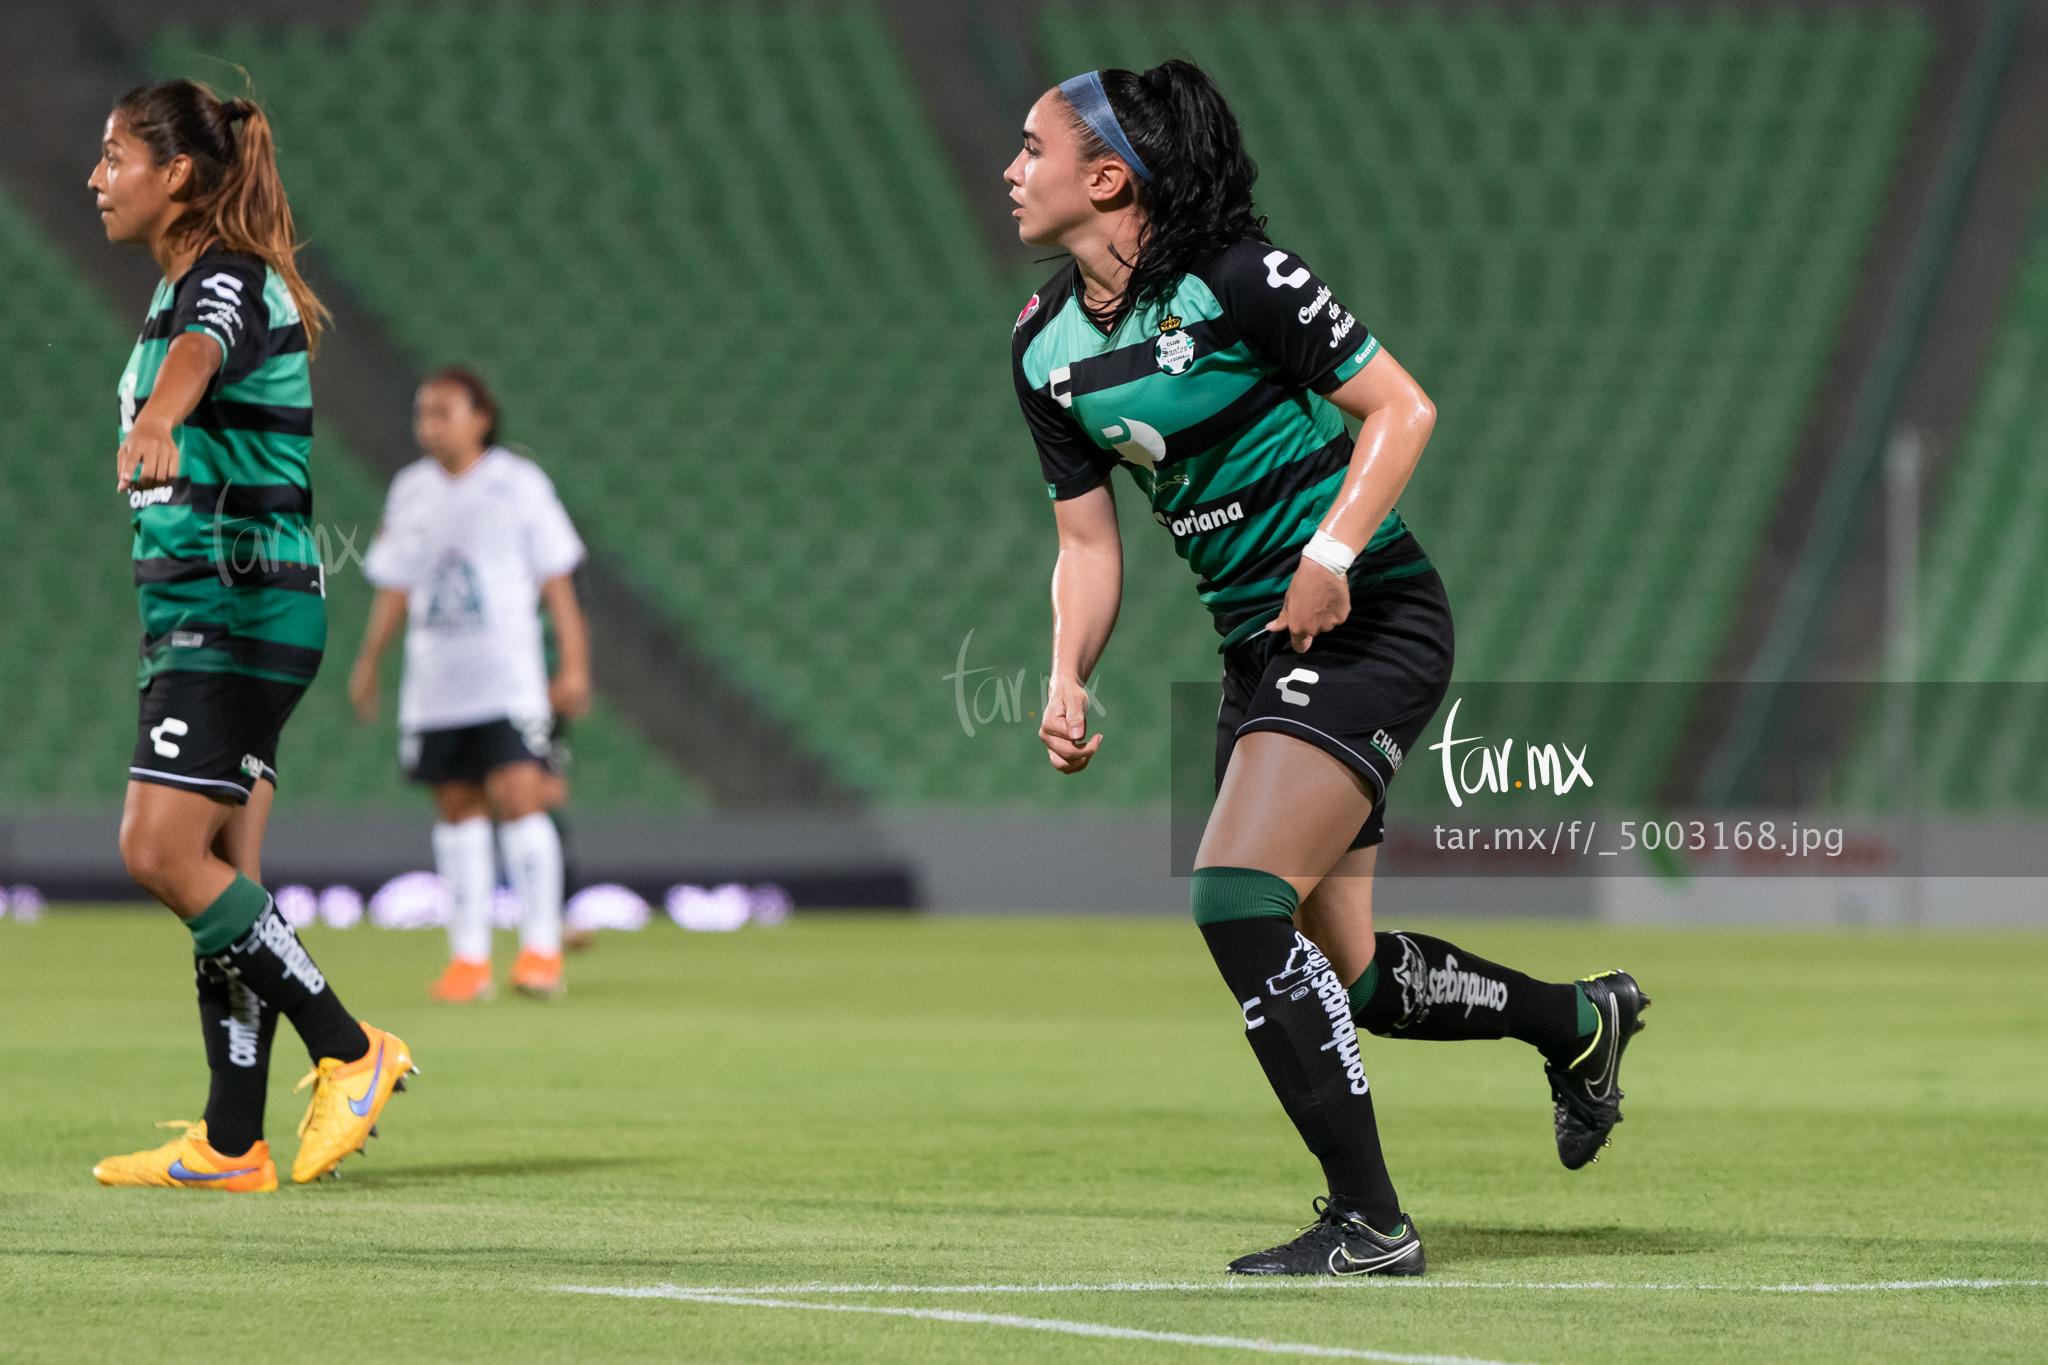 Ana Gutiérrez, Brenda López